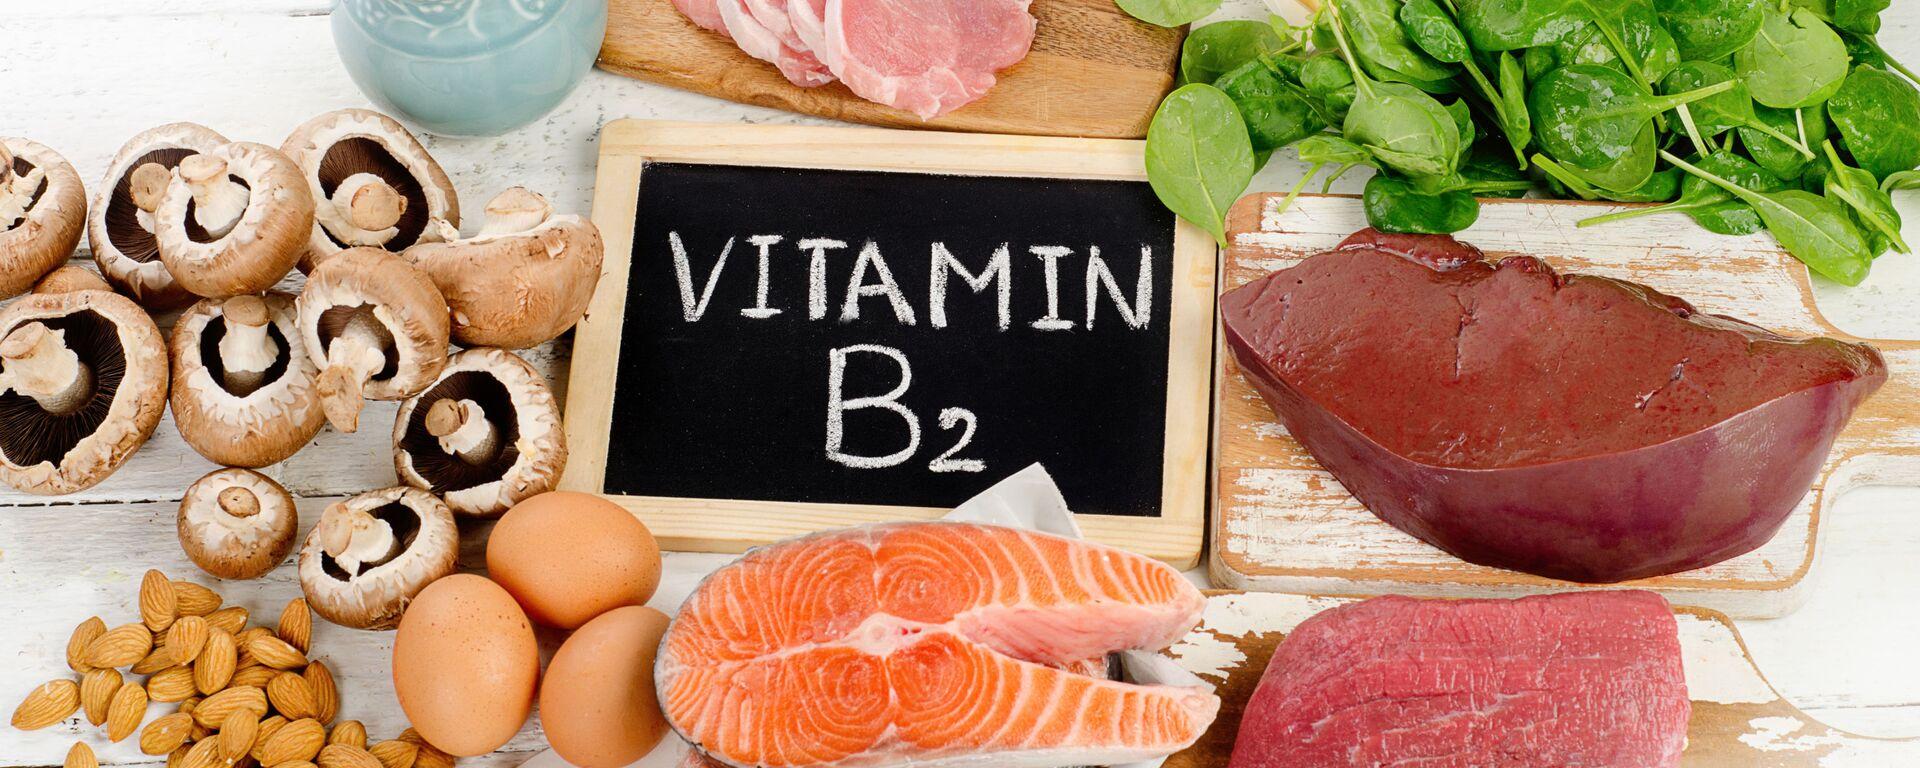 Proizvodi koji sadrže vitamin B2 - Sputnik Srbija, 1920, 31.08.2021